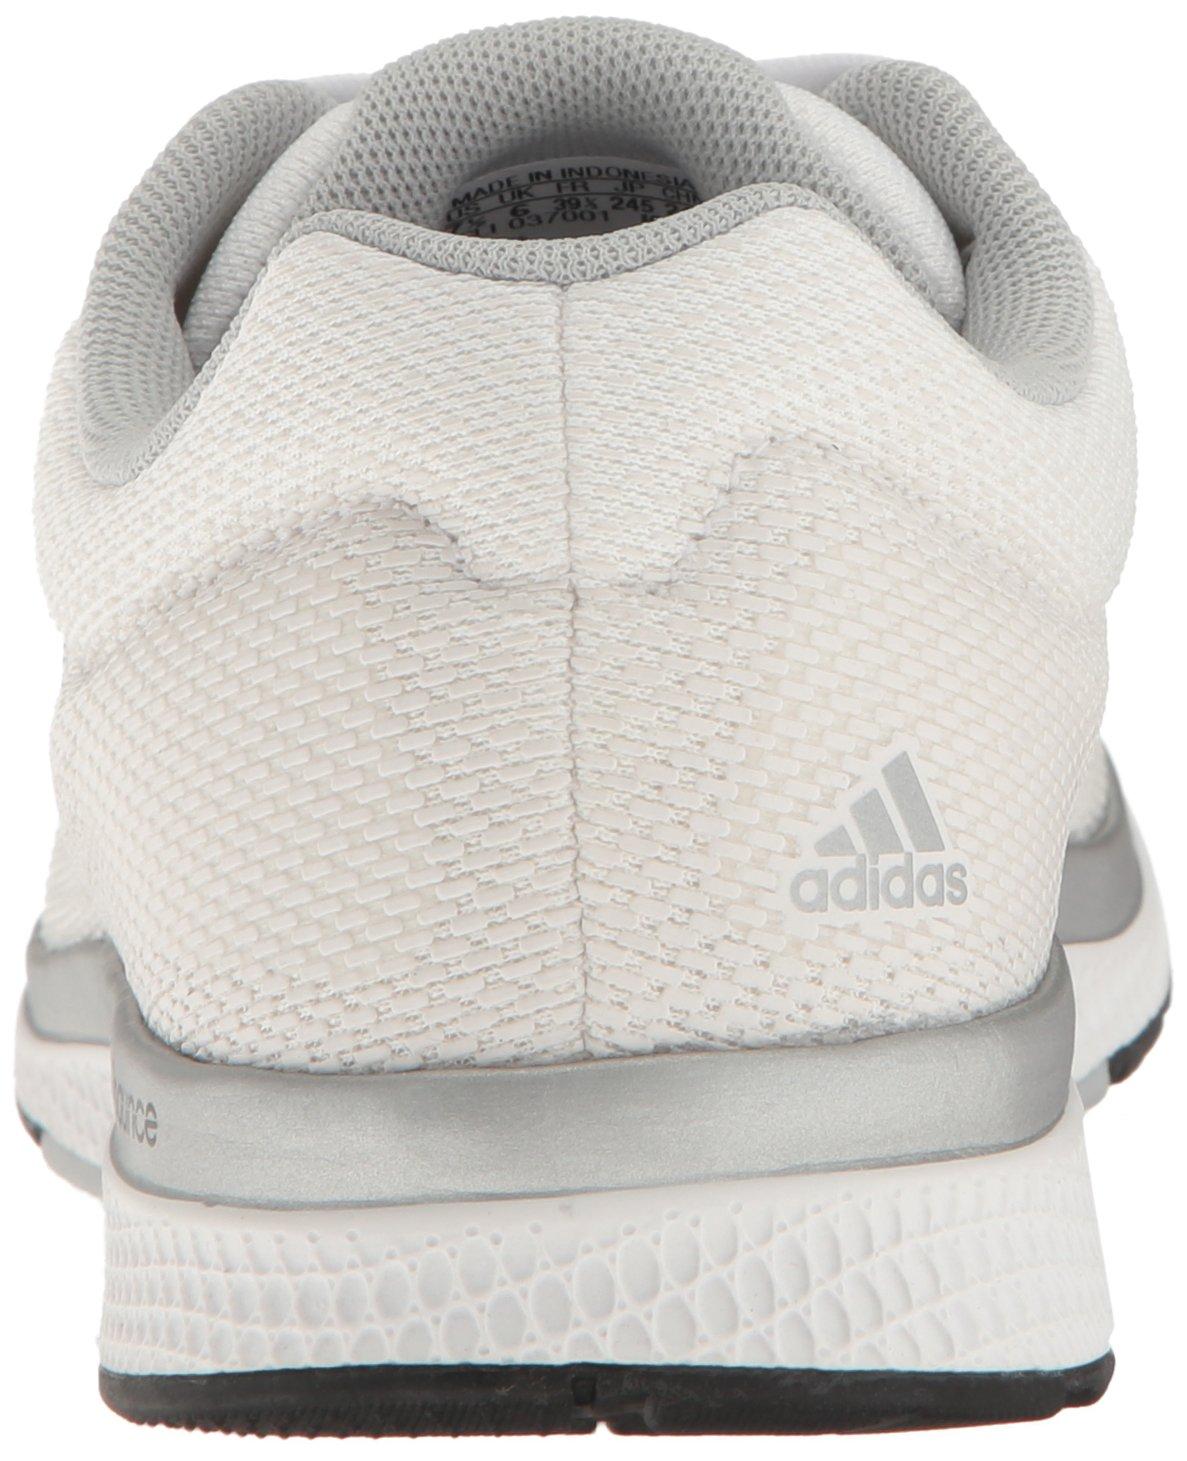 Zapatillas de/ running adidas W Mana de adidas Bounce 2 3181 W Aramis 3181 para 4c423ce - hotlink.pw